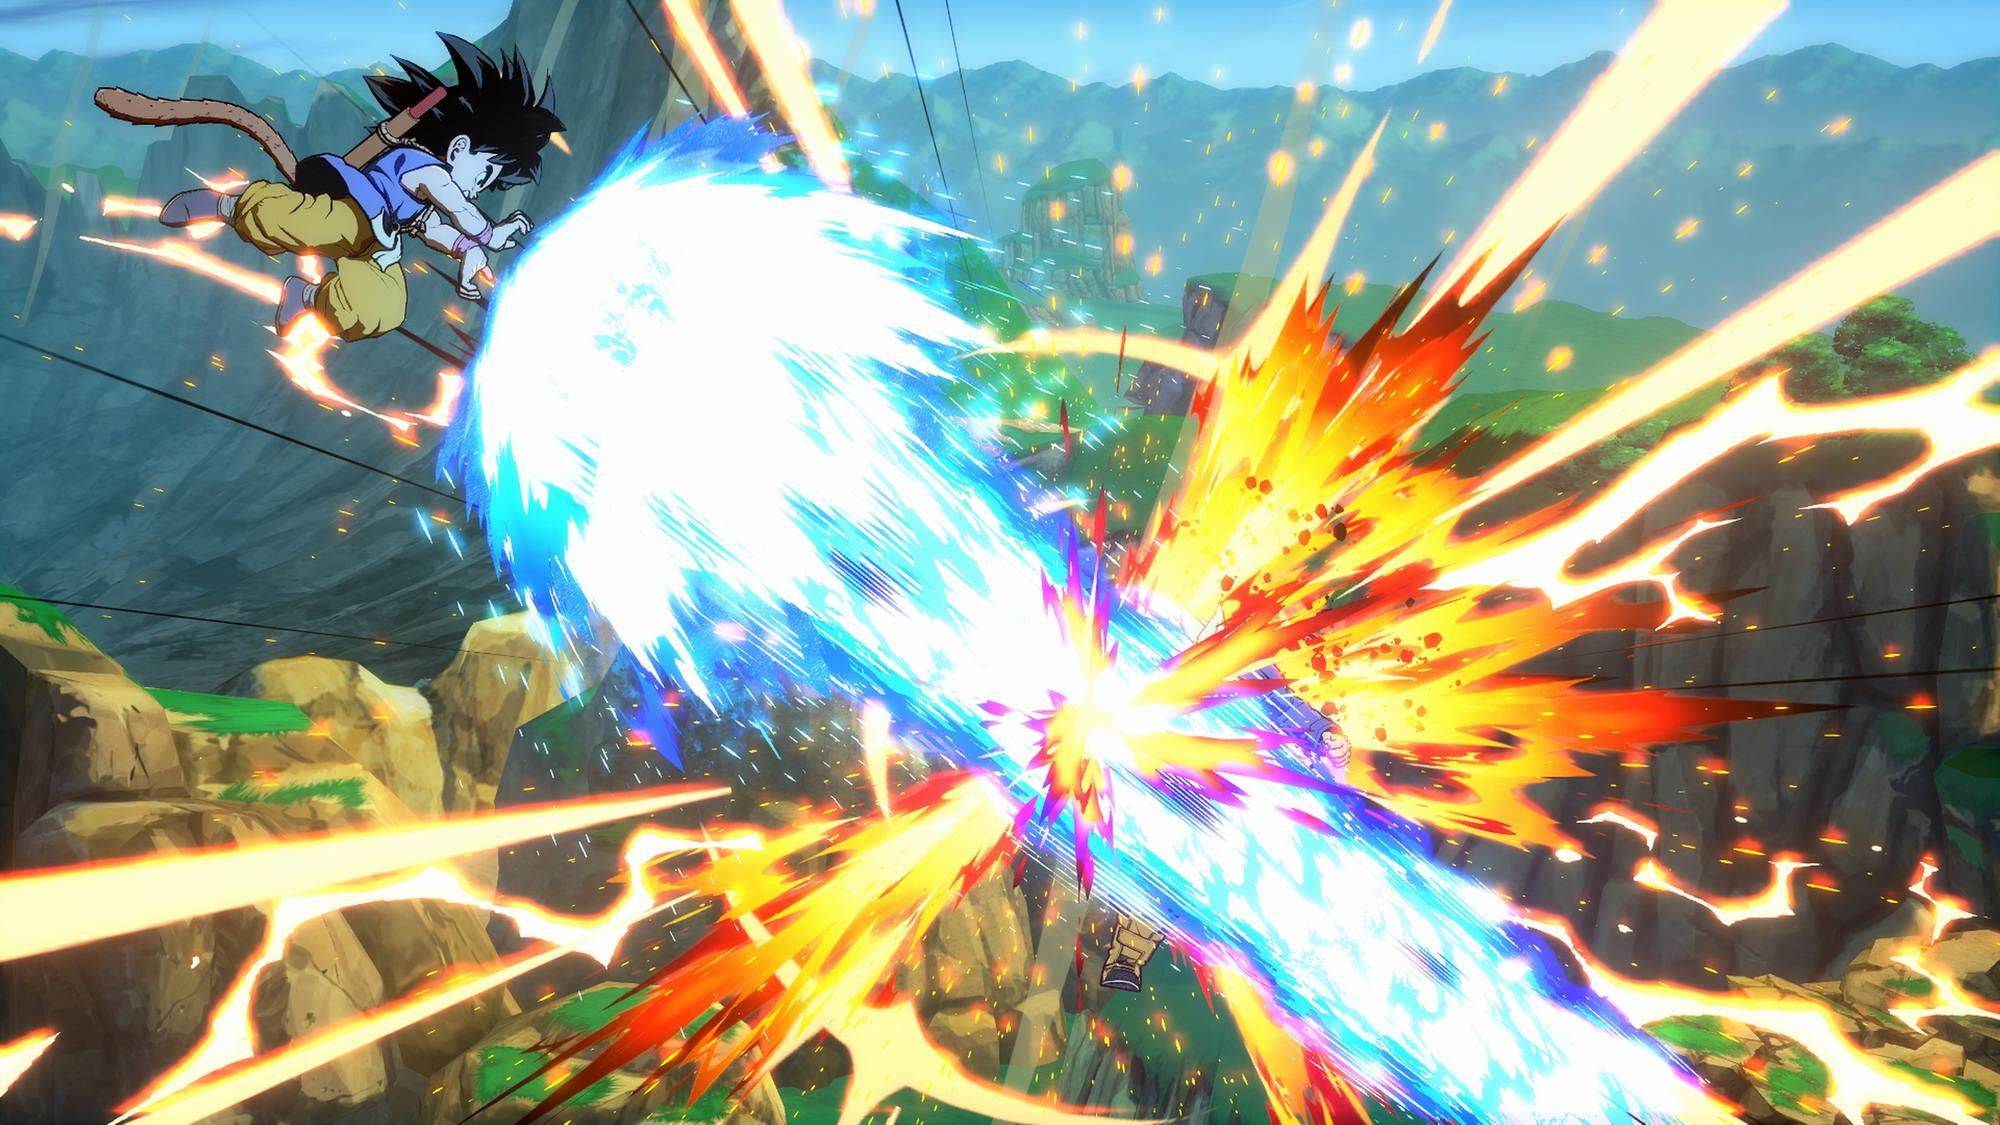 《龙珠战士Z》新DLC截图欣赏 格斗技能效果十分华